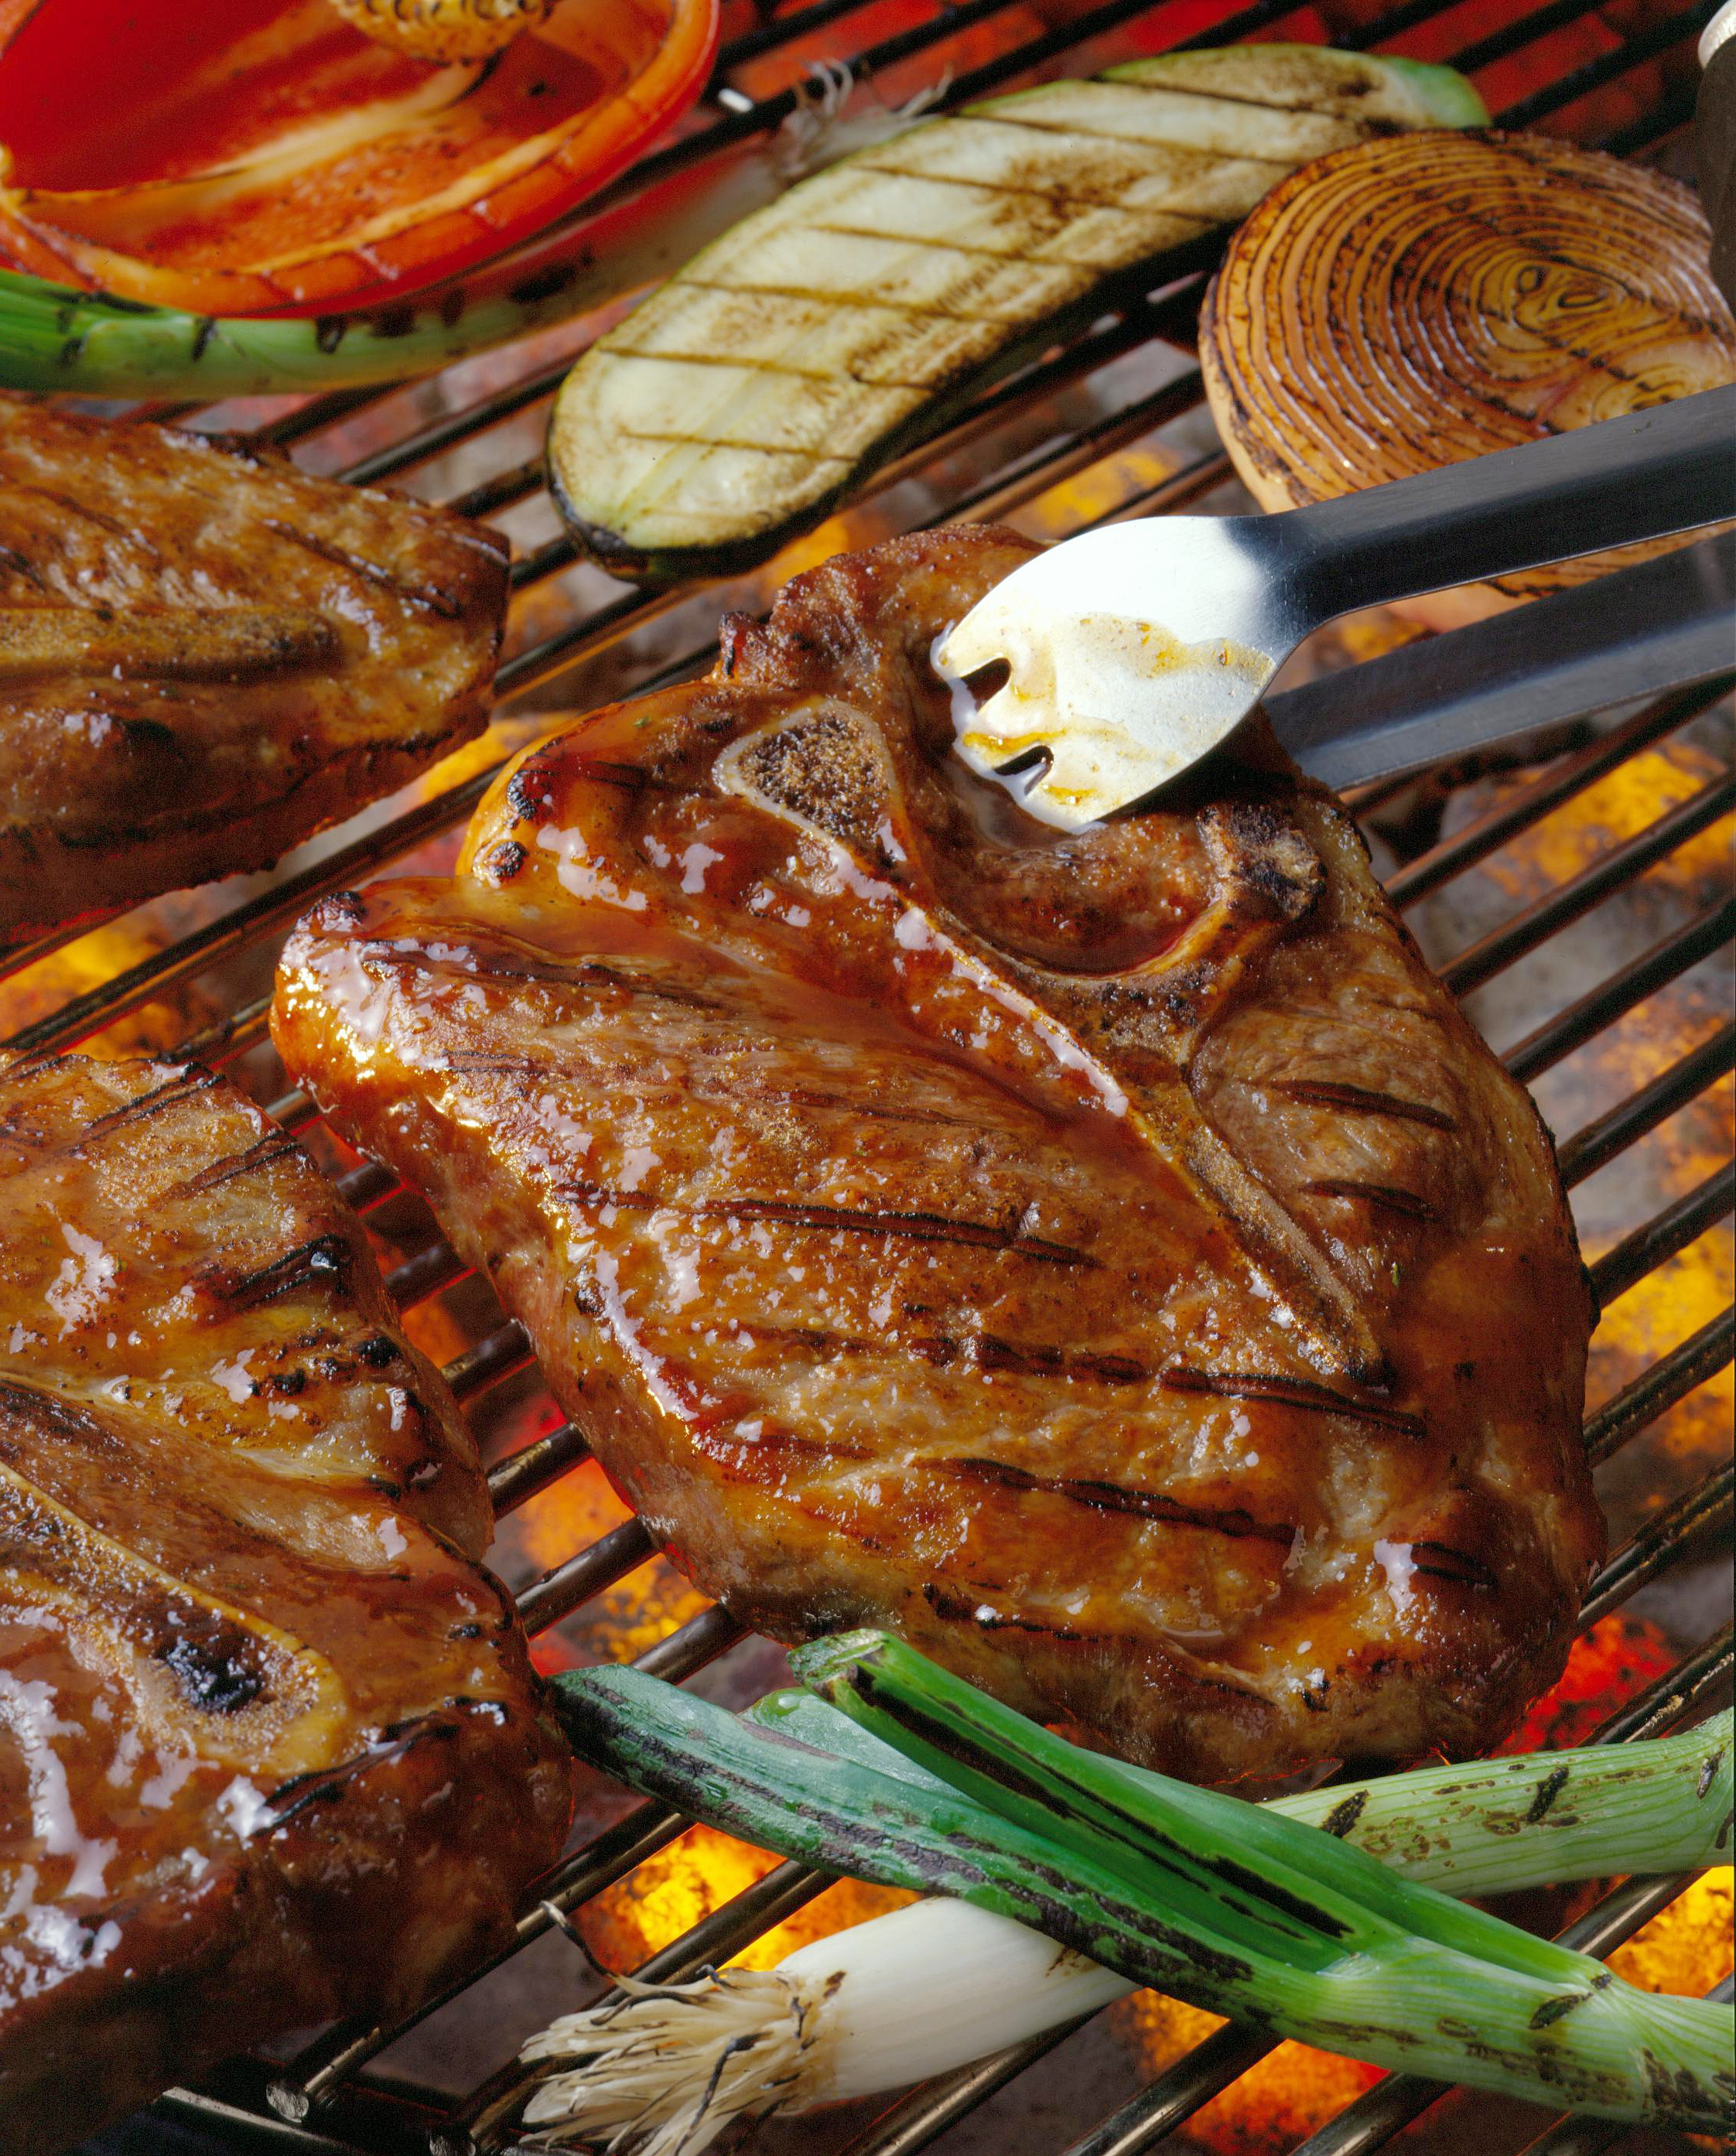 Si vous vous ennuyez de la viande grillée, utilisez le four. Mettez-le à feu doux et après 2-3 heures, vous aurez la meilleure côtelette que vous ayez essayée!